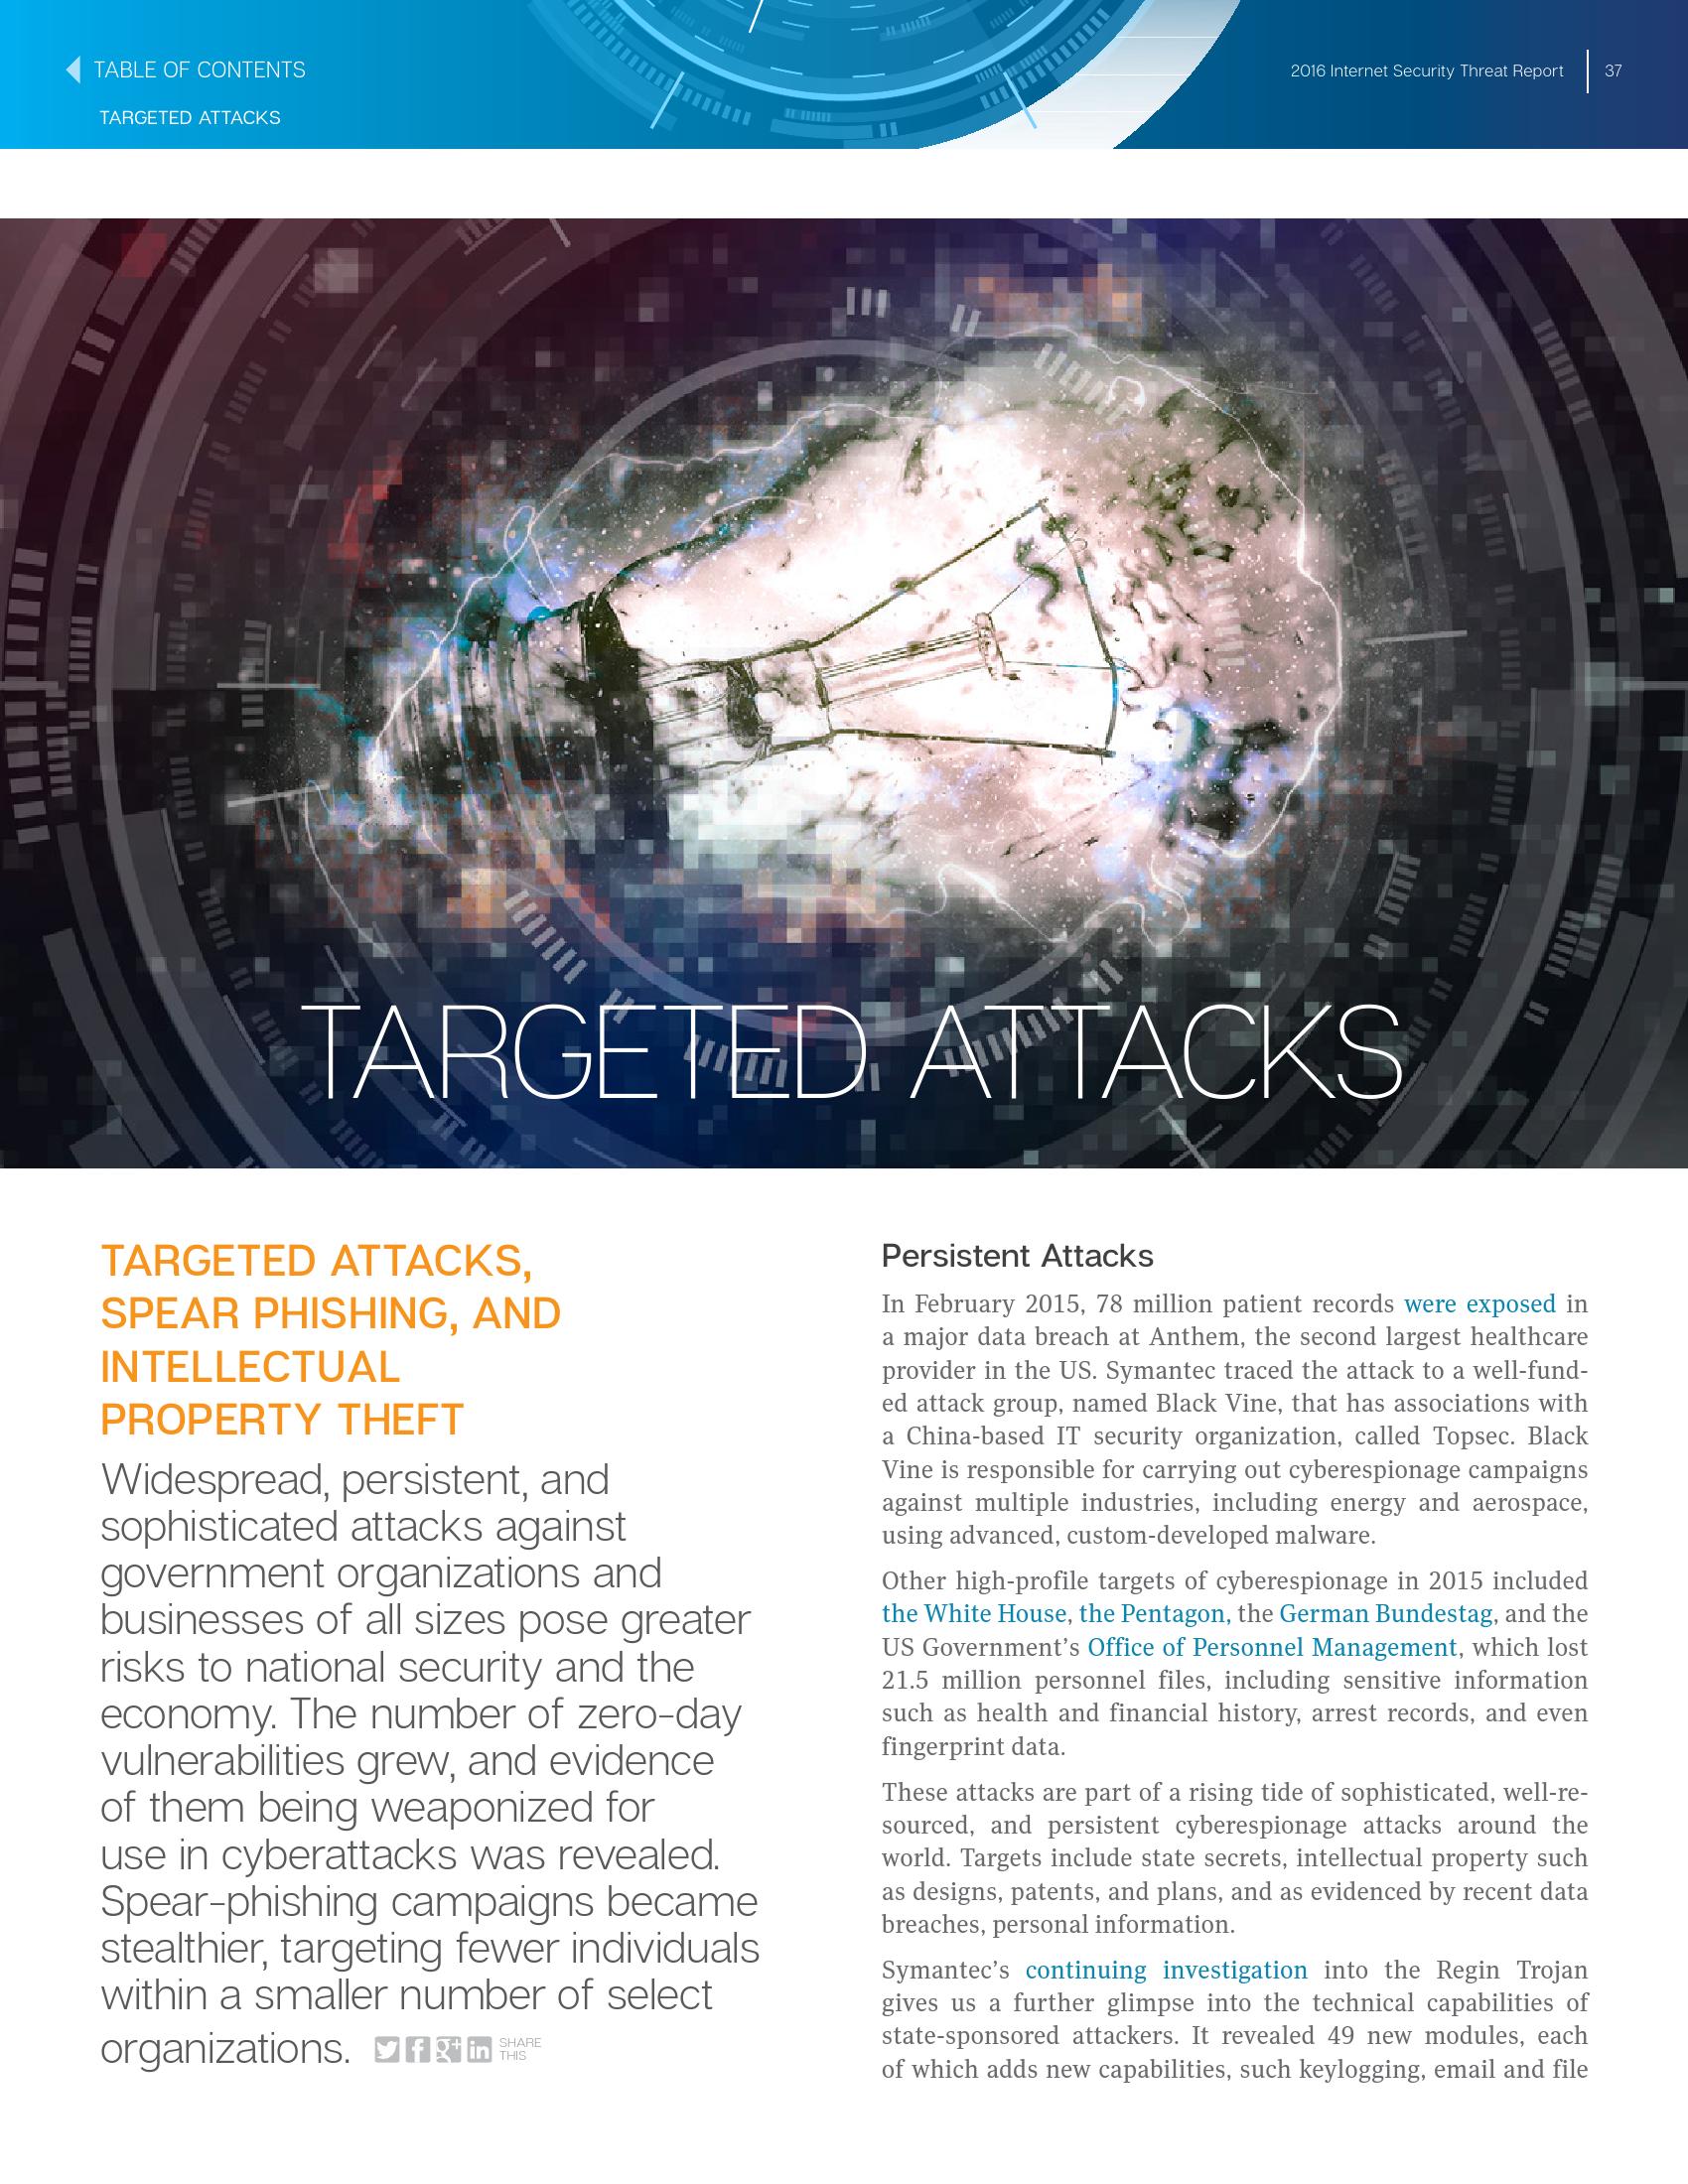 2016年互联网安全威胁报告_000037